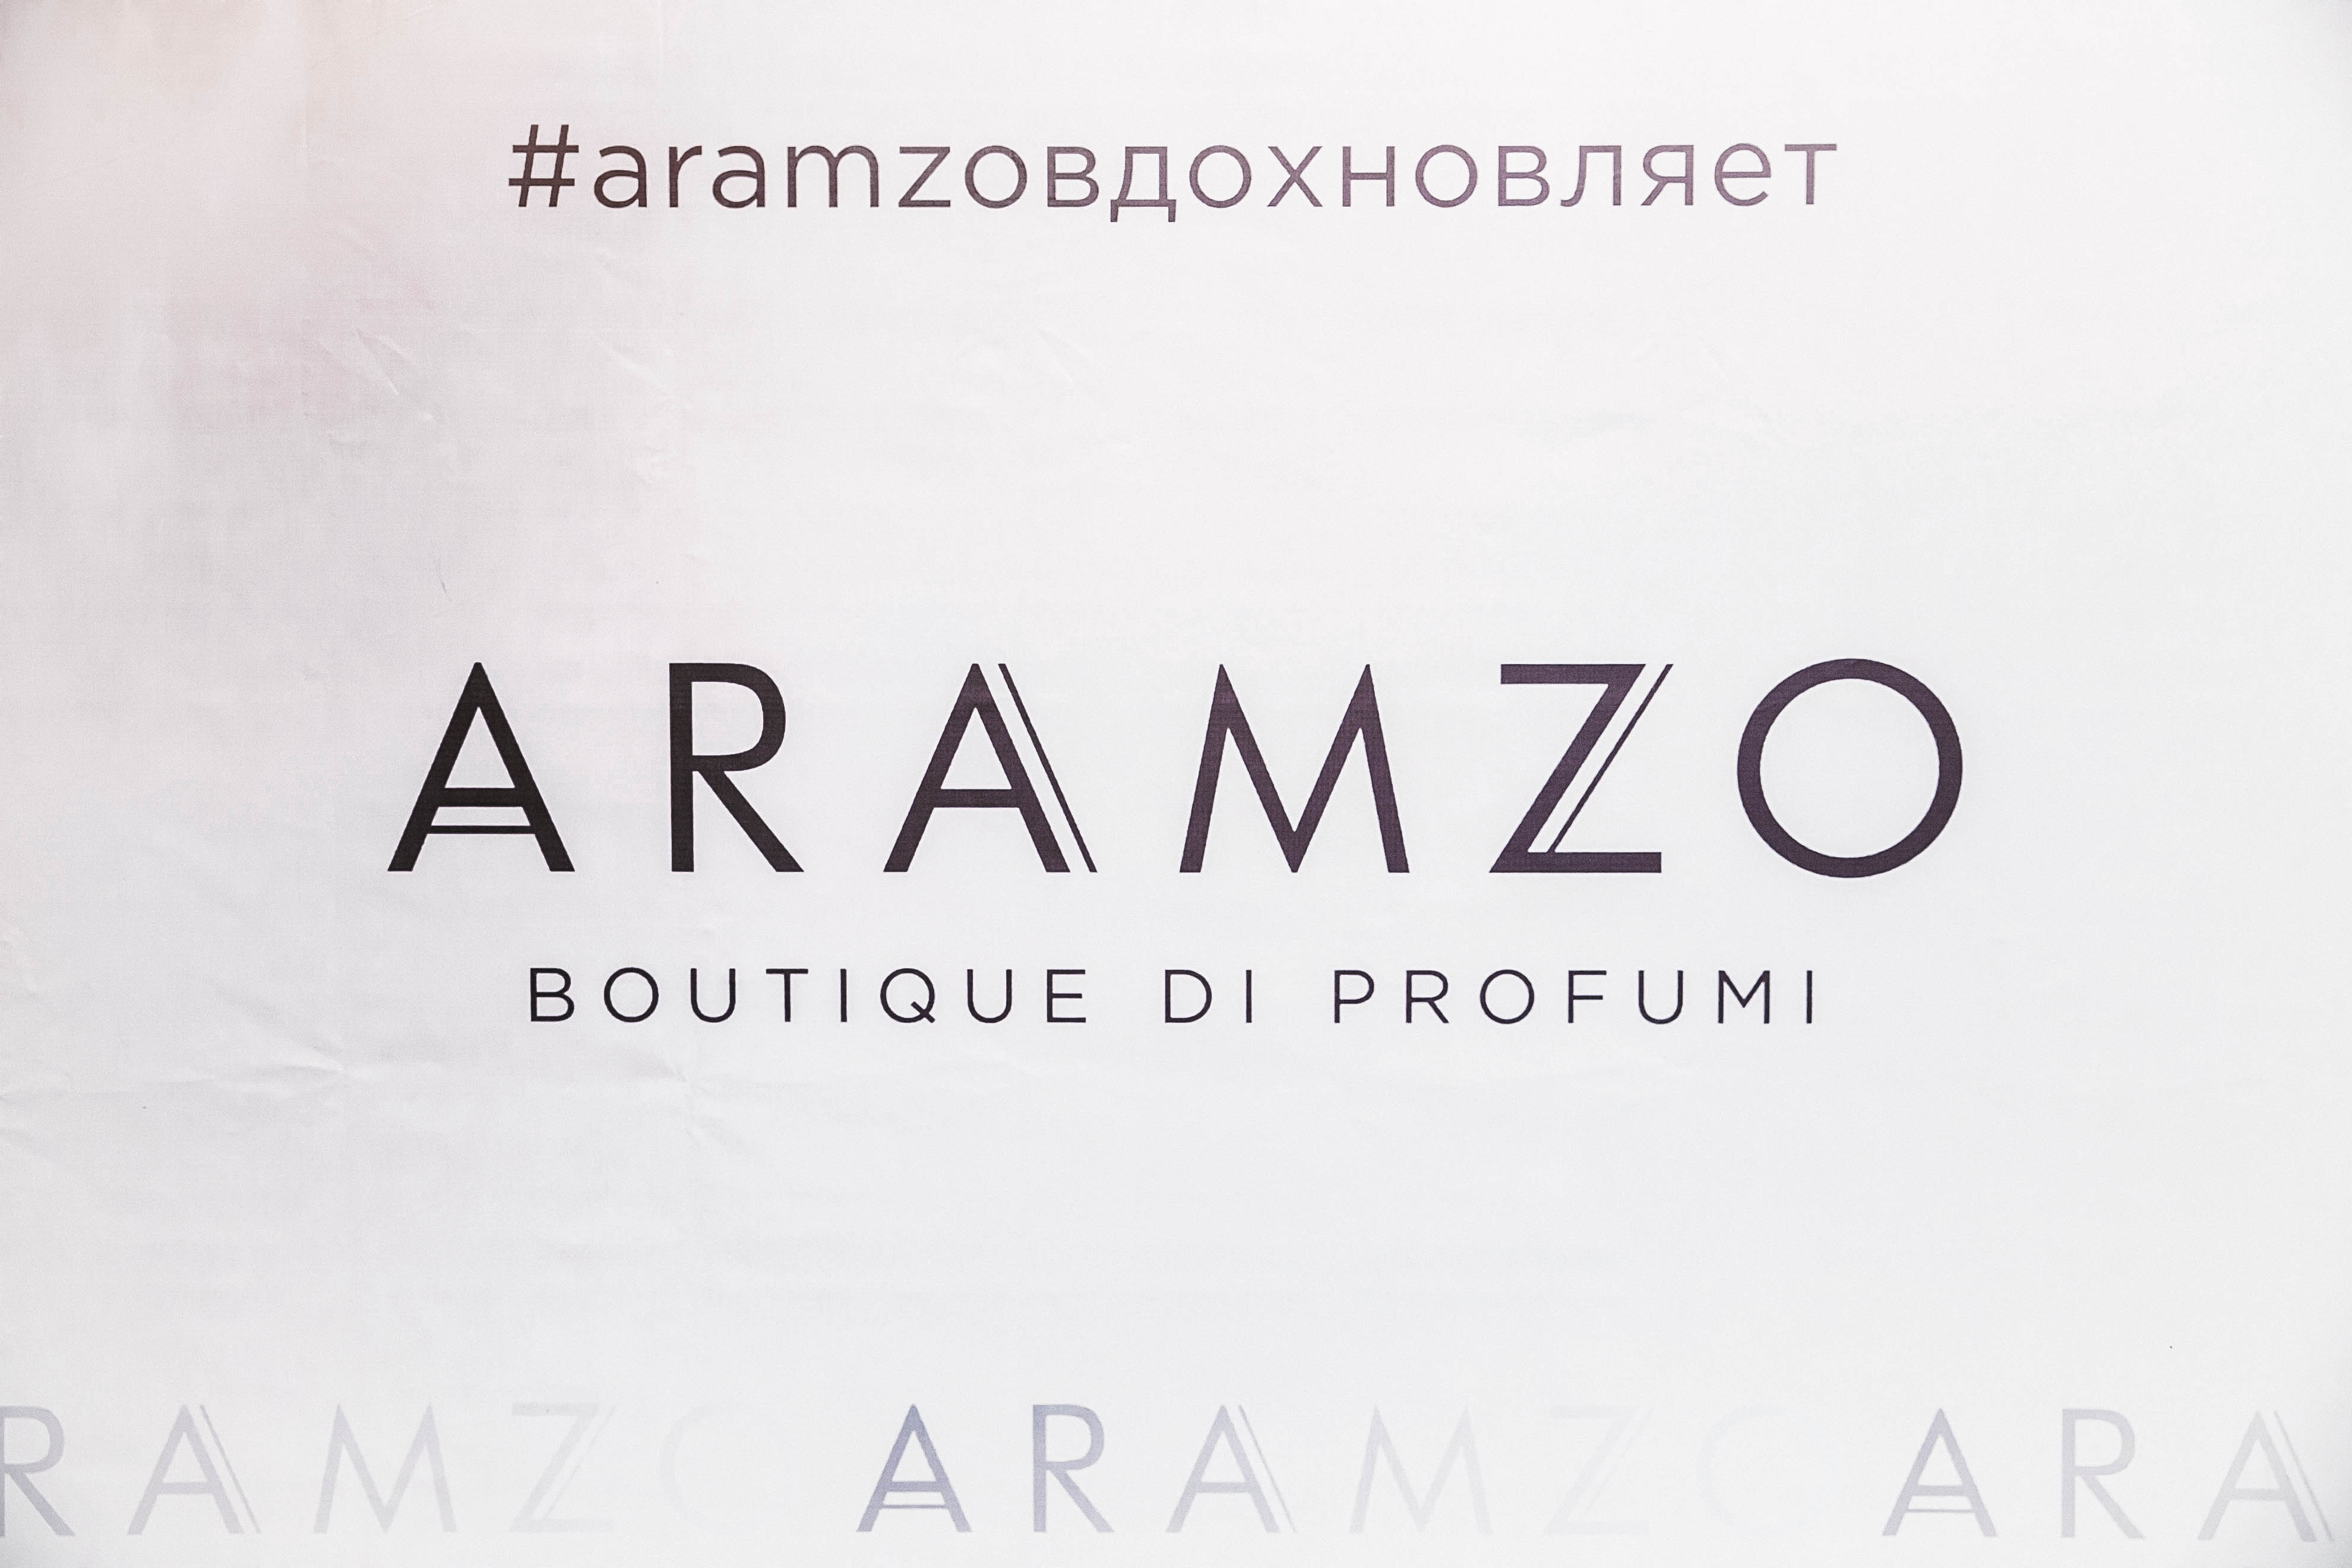 dedf4f2a08f0f 25 апреля в Москве откроет двери парфюмерный дом Aramzo, мультибрендовый  салон парфюмерии и косметики премиум-класса, он будет находиться на третьем  этаже в ...